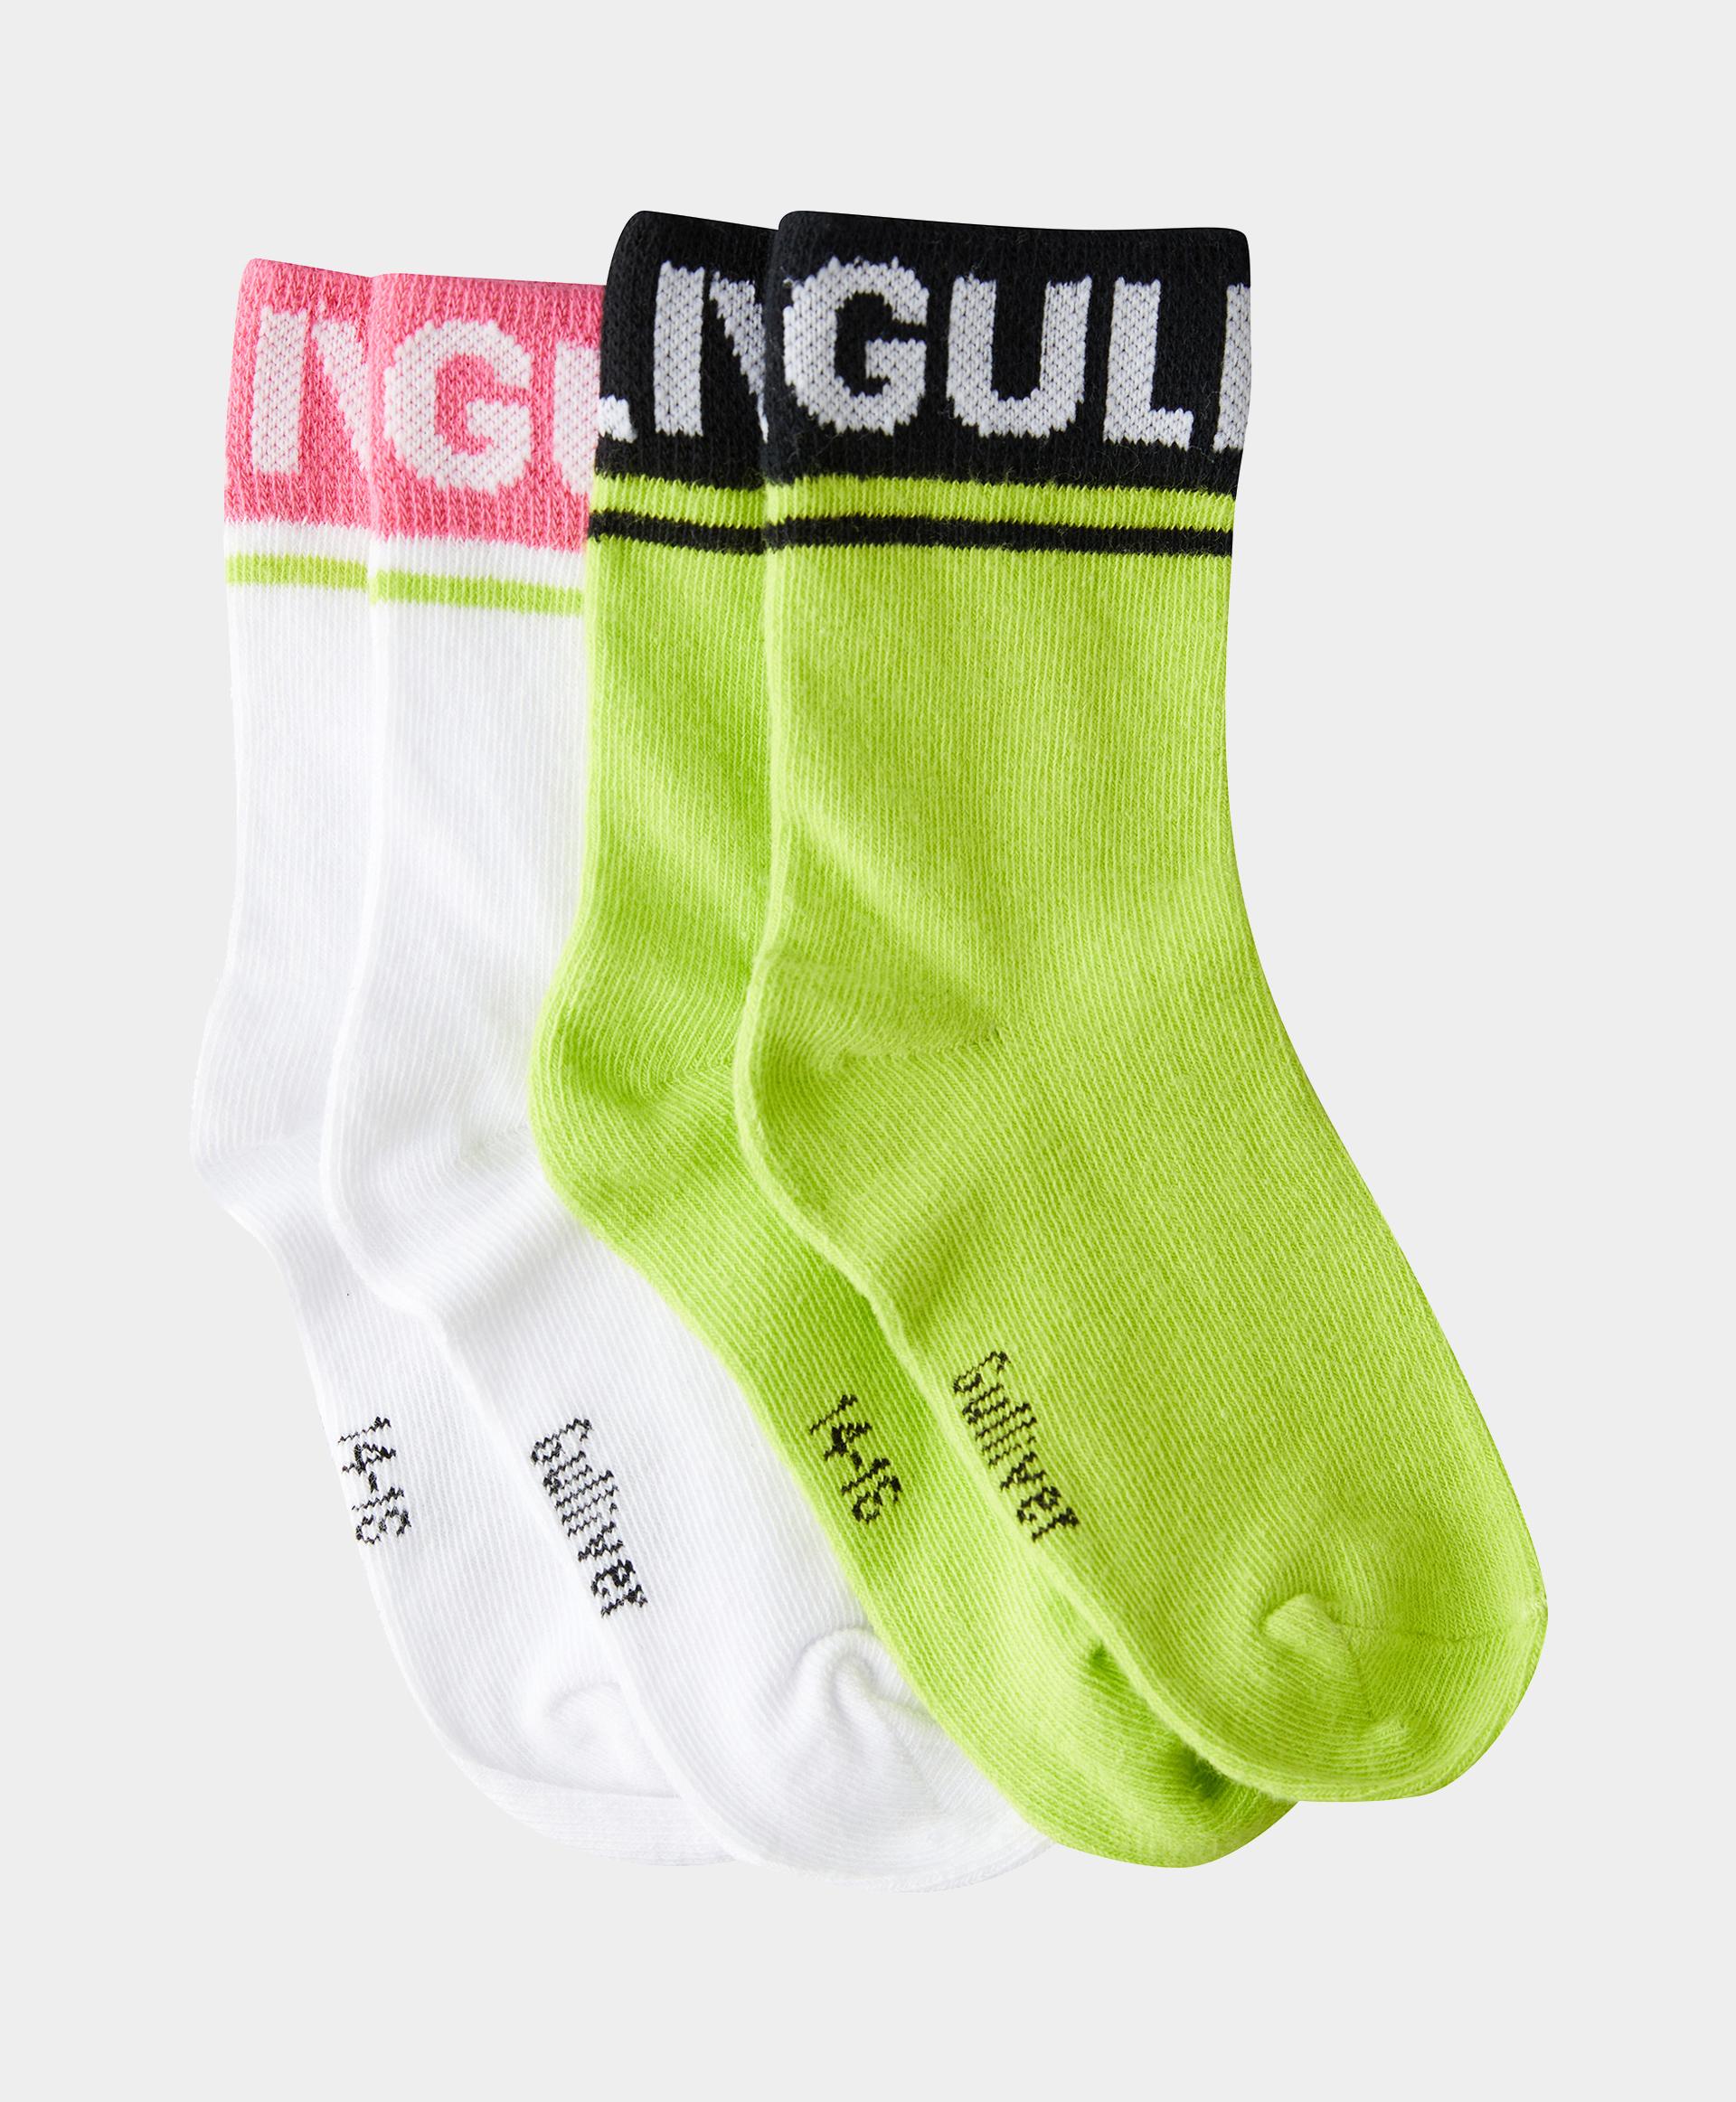 Купить 12103GMС8508, Комплект носков 2 пары Gulliver, 14-16, Хлопок, Женский, Лето, ВЕСНА/ЛЕТО 2021 (shop: GulliverMarket Gulliver Market)